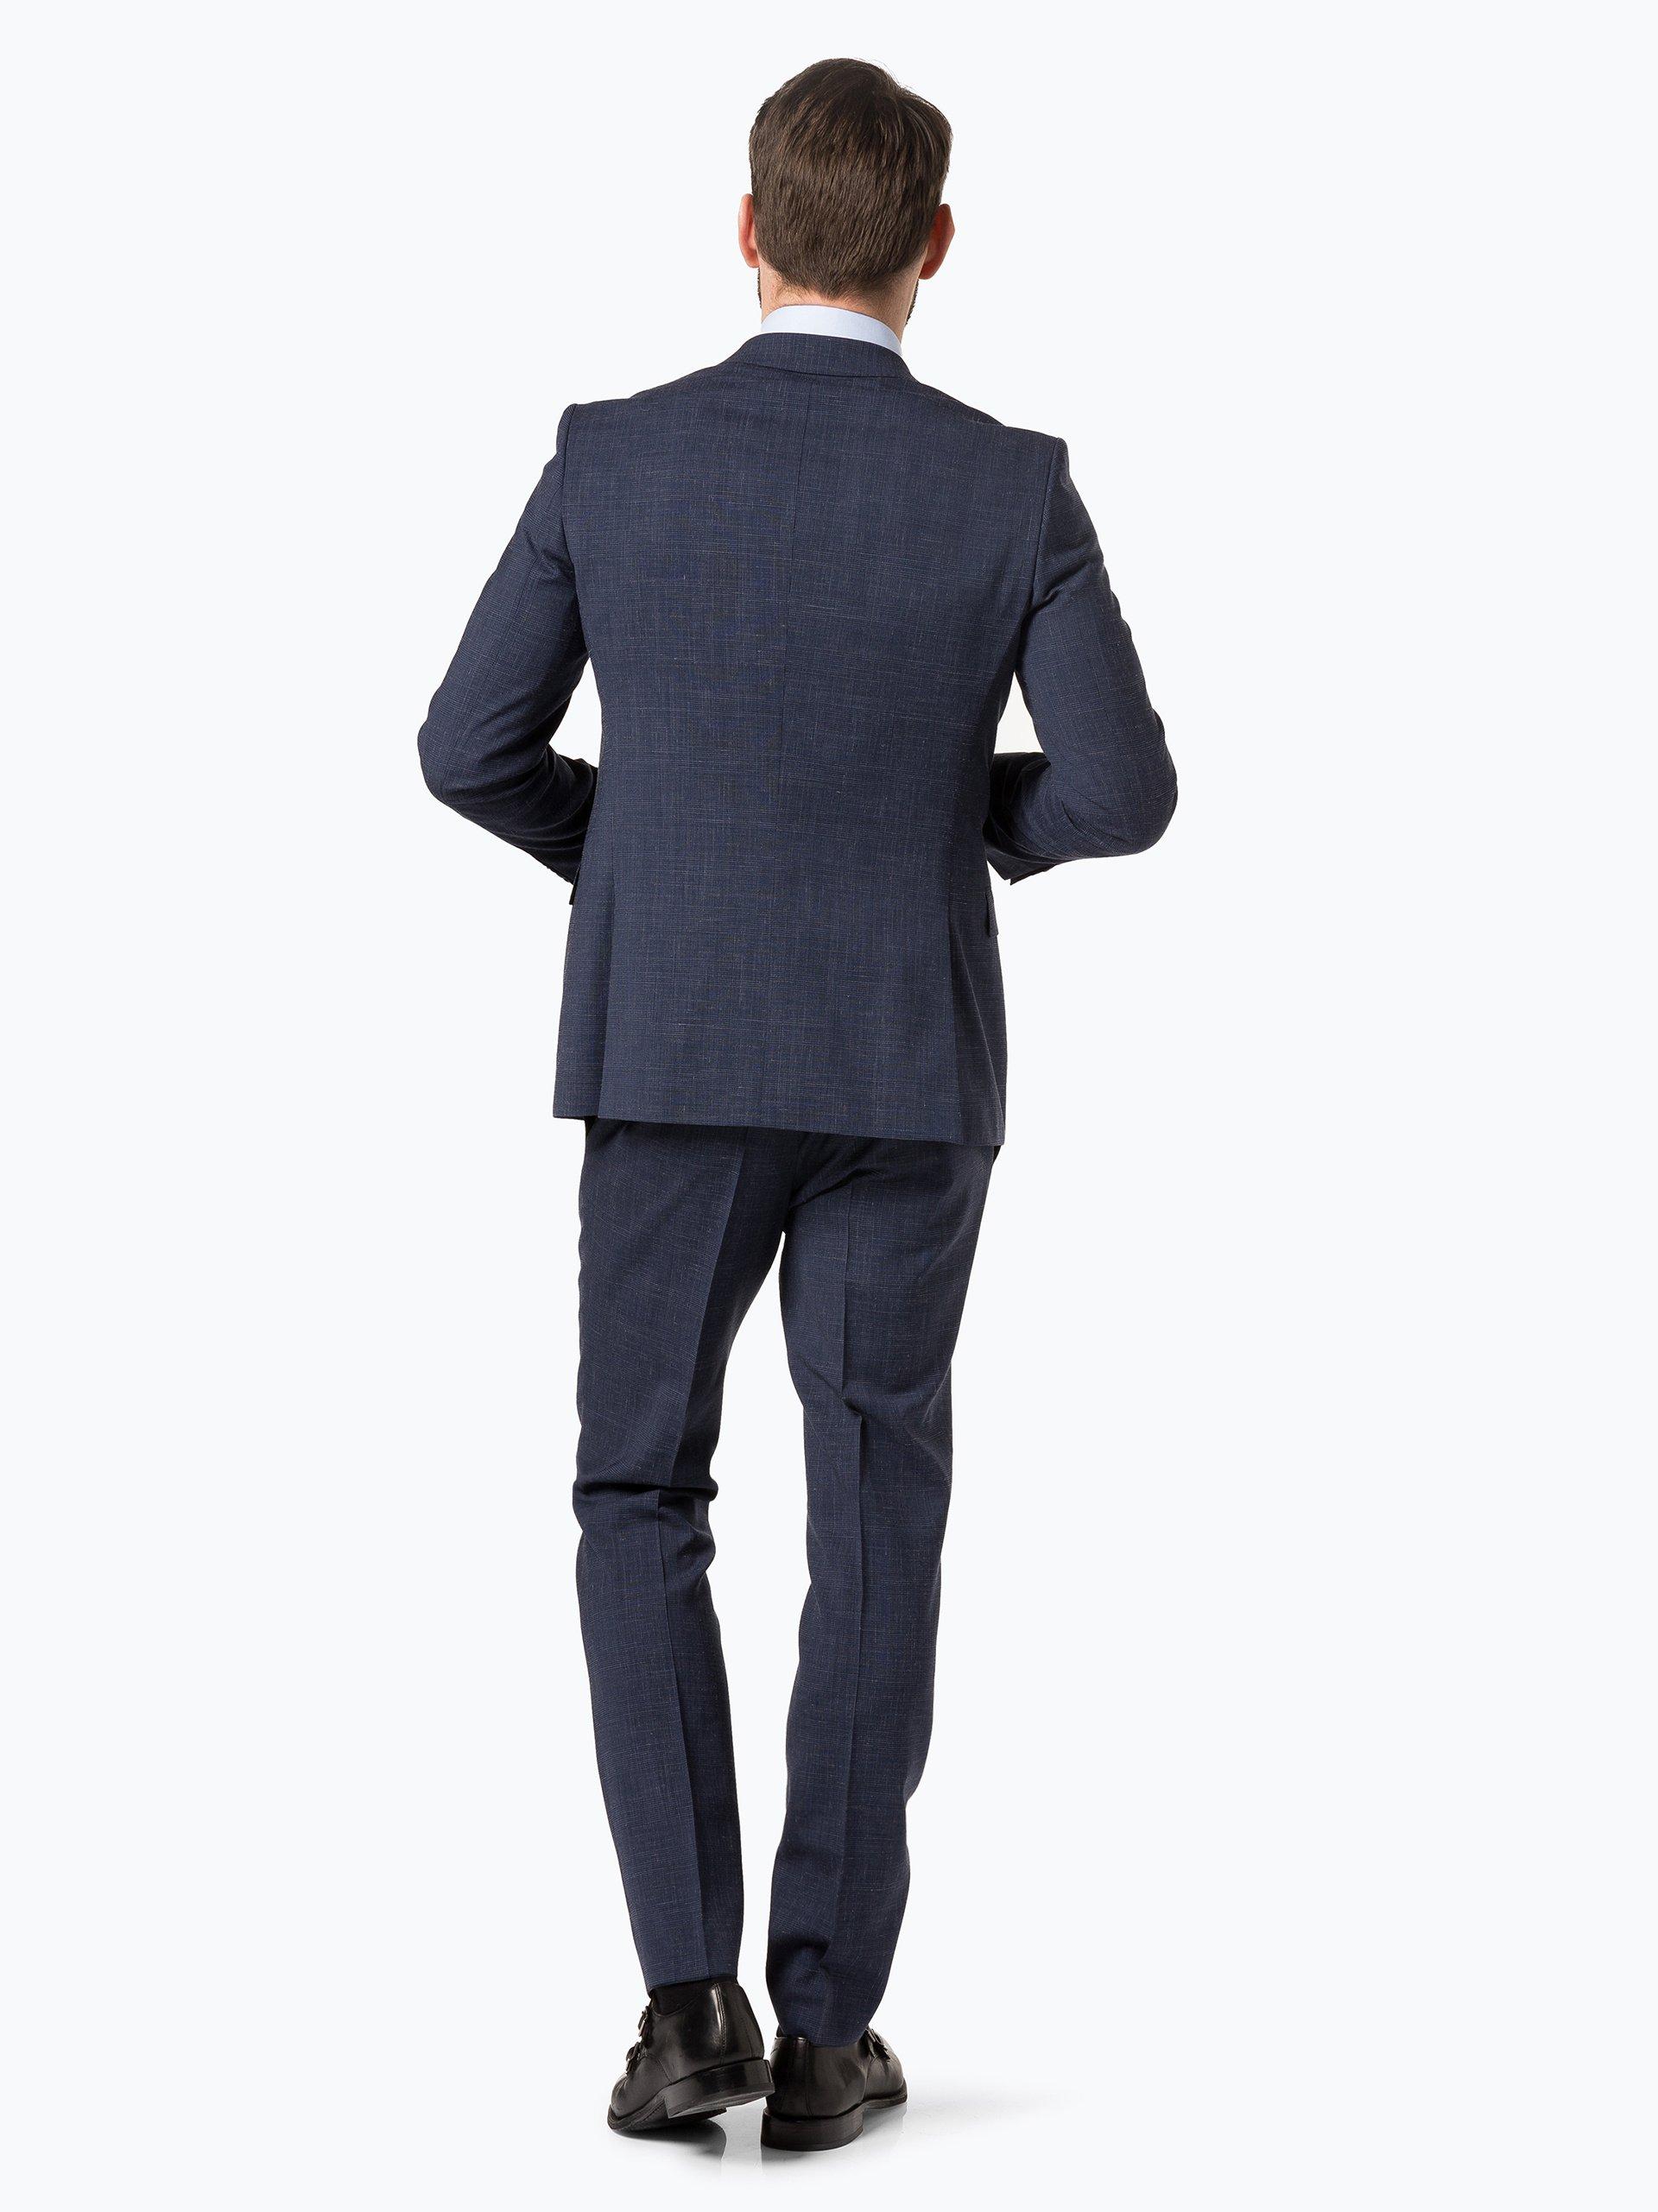 boss herren anzug mit leinen anteil novan5 ben2 marine gemustert online kaufen vangraaf com. Black Bedroom Furniture Sets. Home Design Ideas